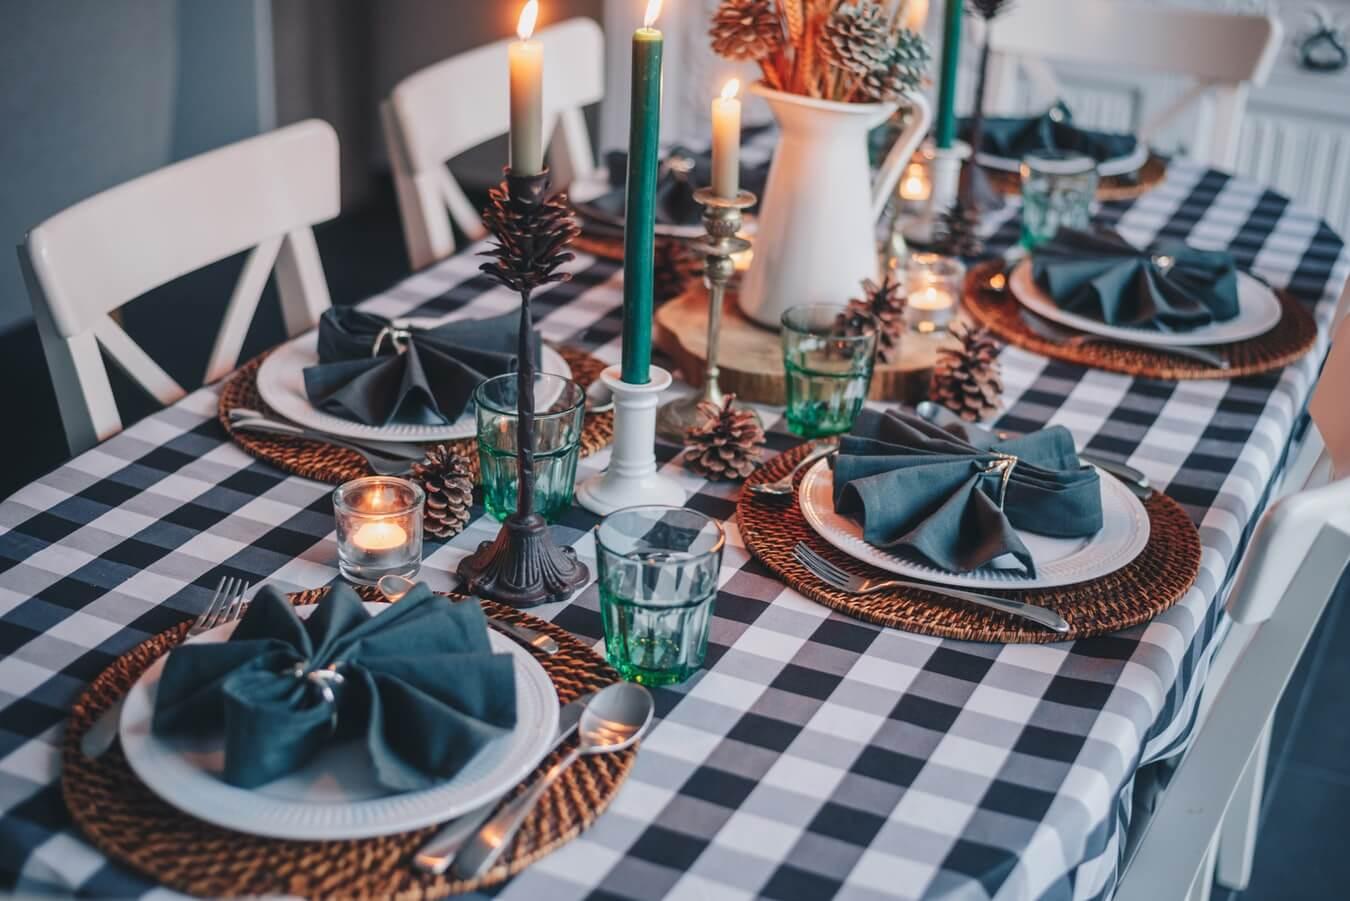 Obrusy ochránia váš stôl pred škrabancami a interiér osviežia farbami